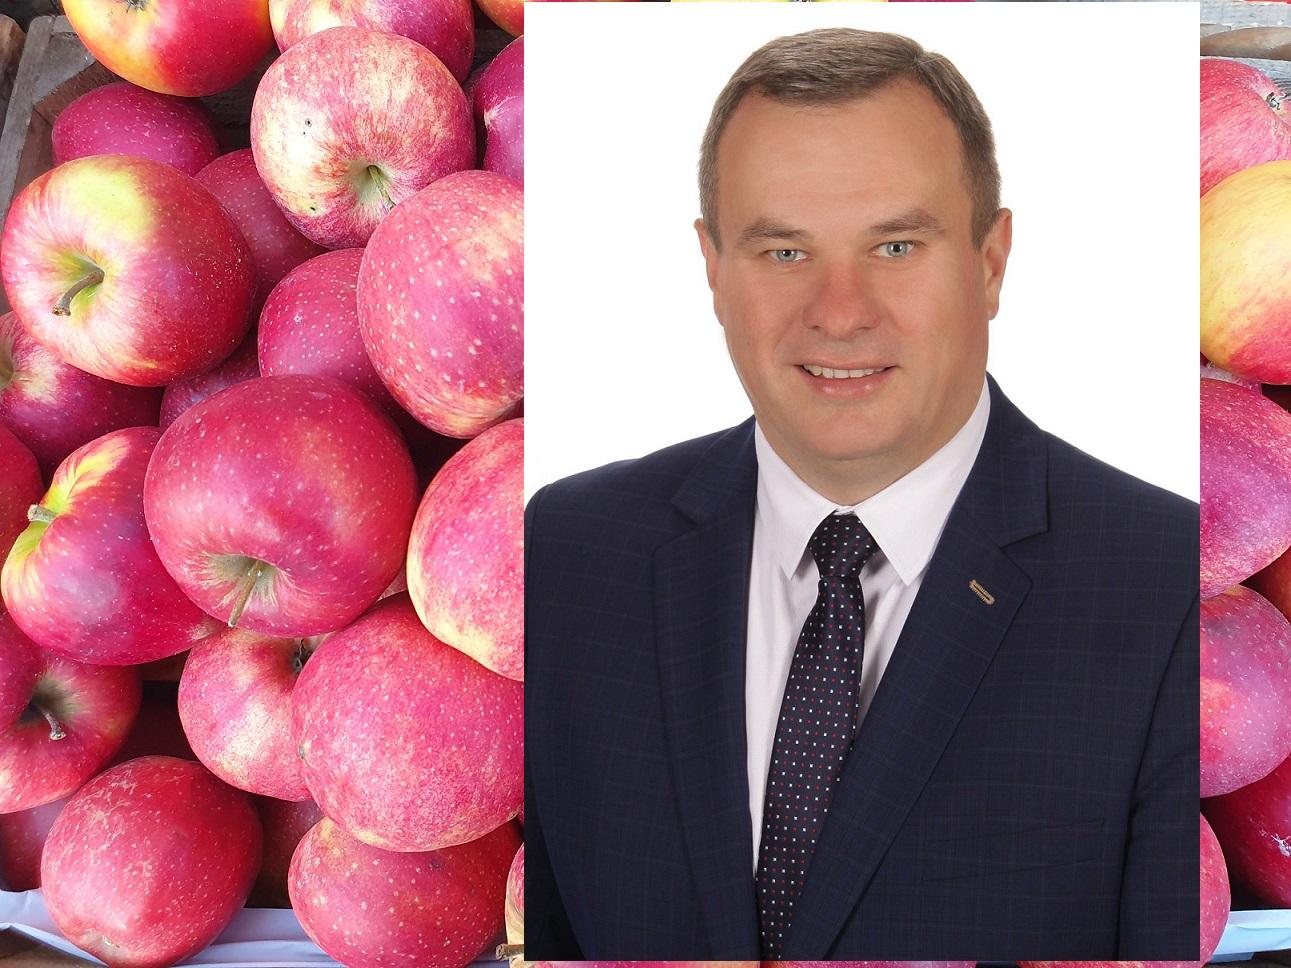 jablka ceny Jacek Otulak wywyad kochamrawe protesty sadowników biała rawska grójec zwiazek sadowników rp